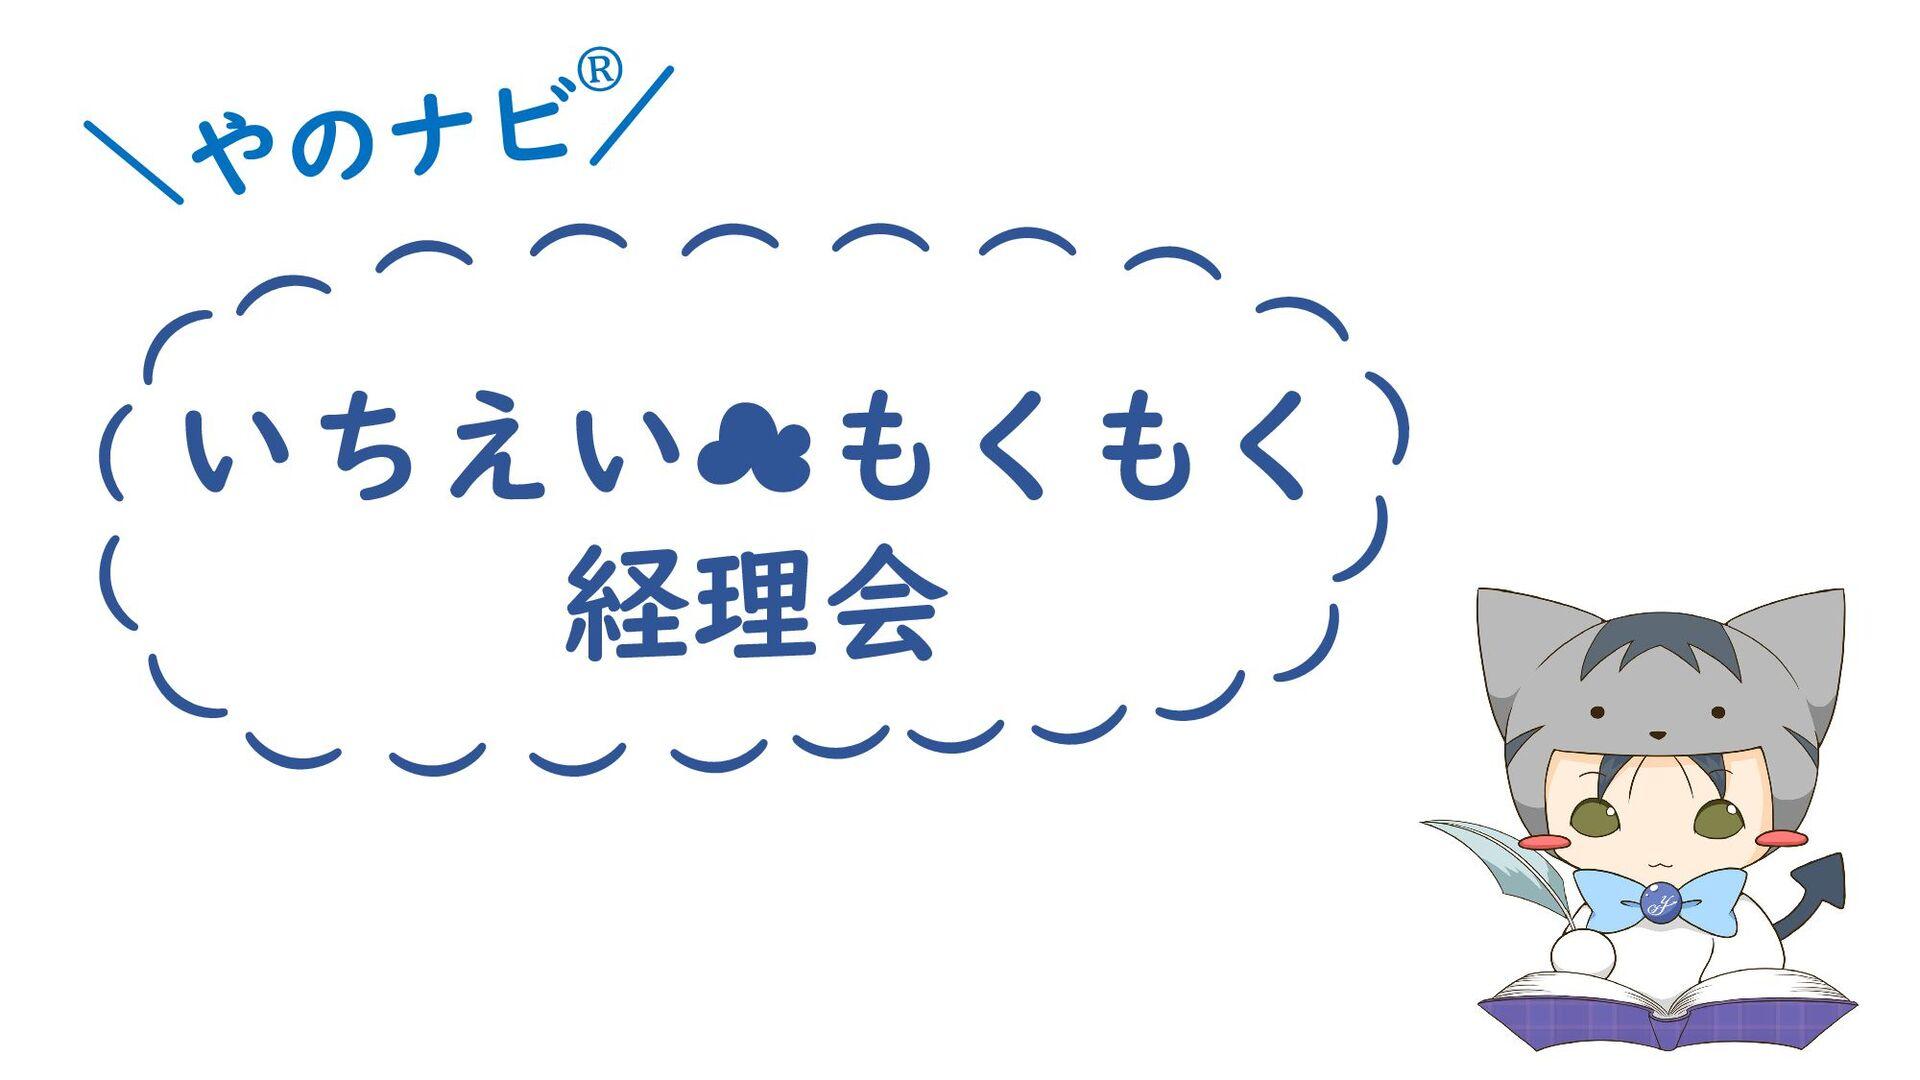 いちえい☁もくもく 経理会 ( (